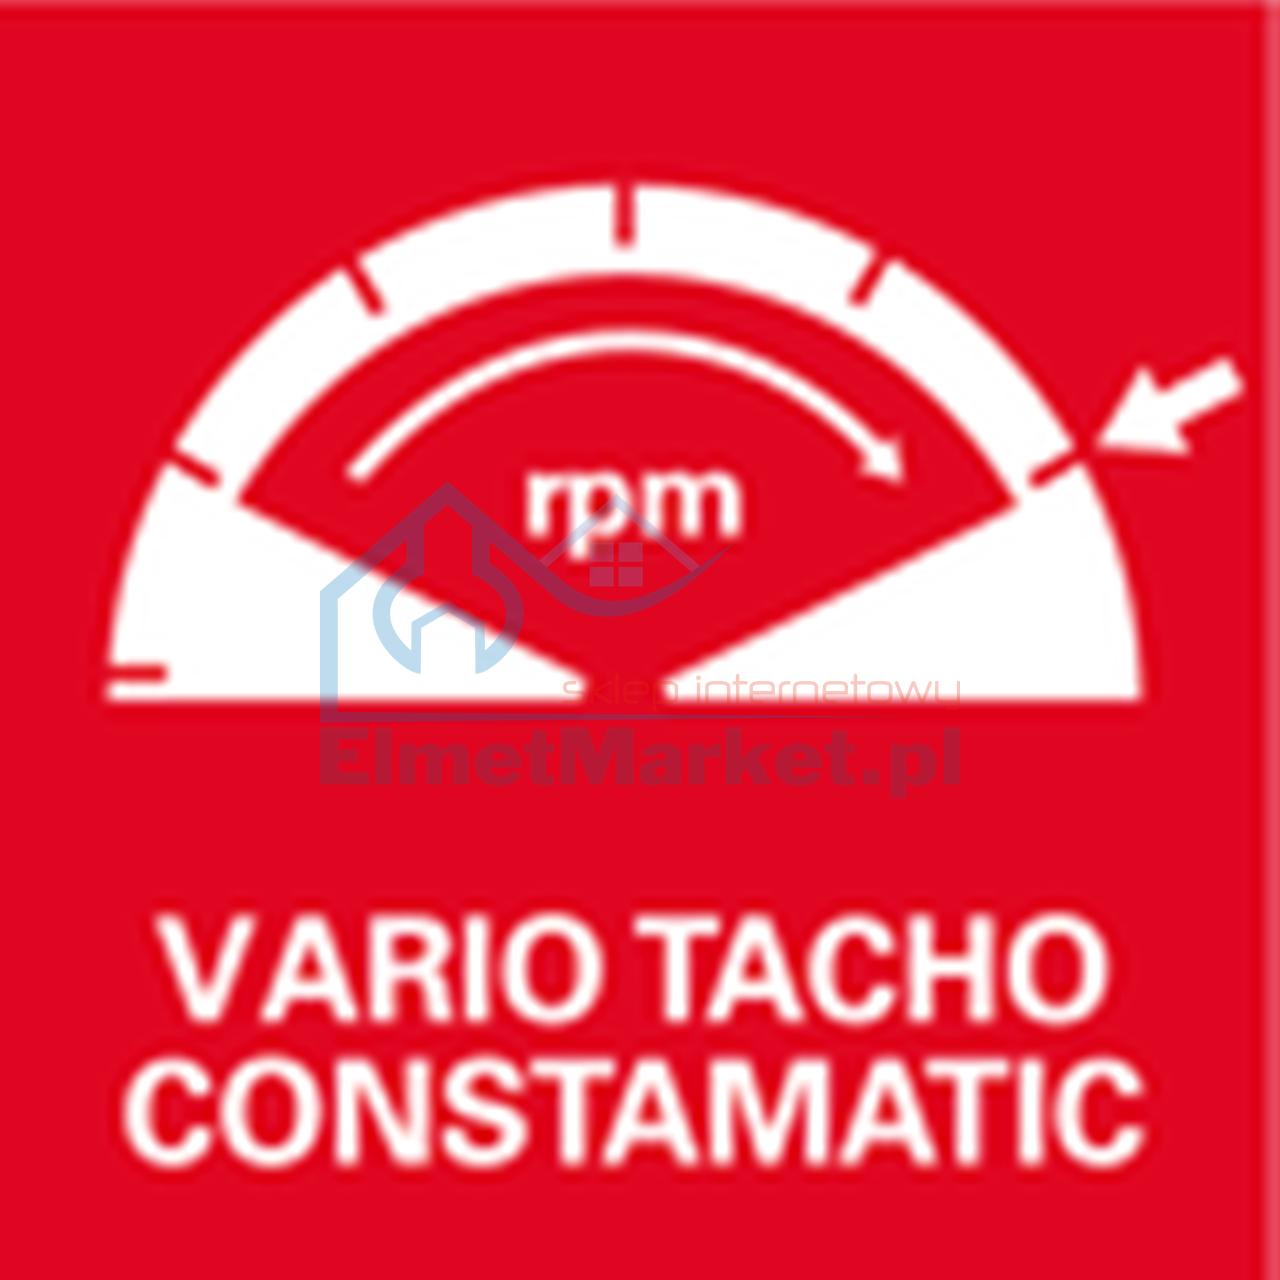 Vario-Tacho-Constamatic